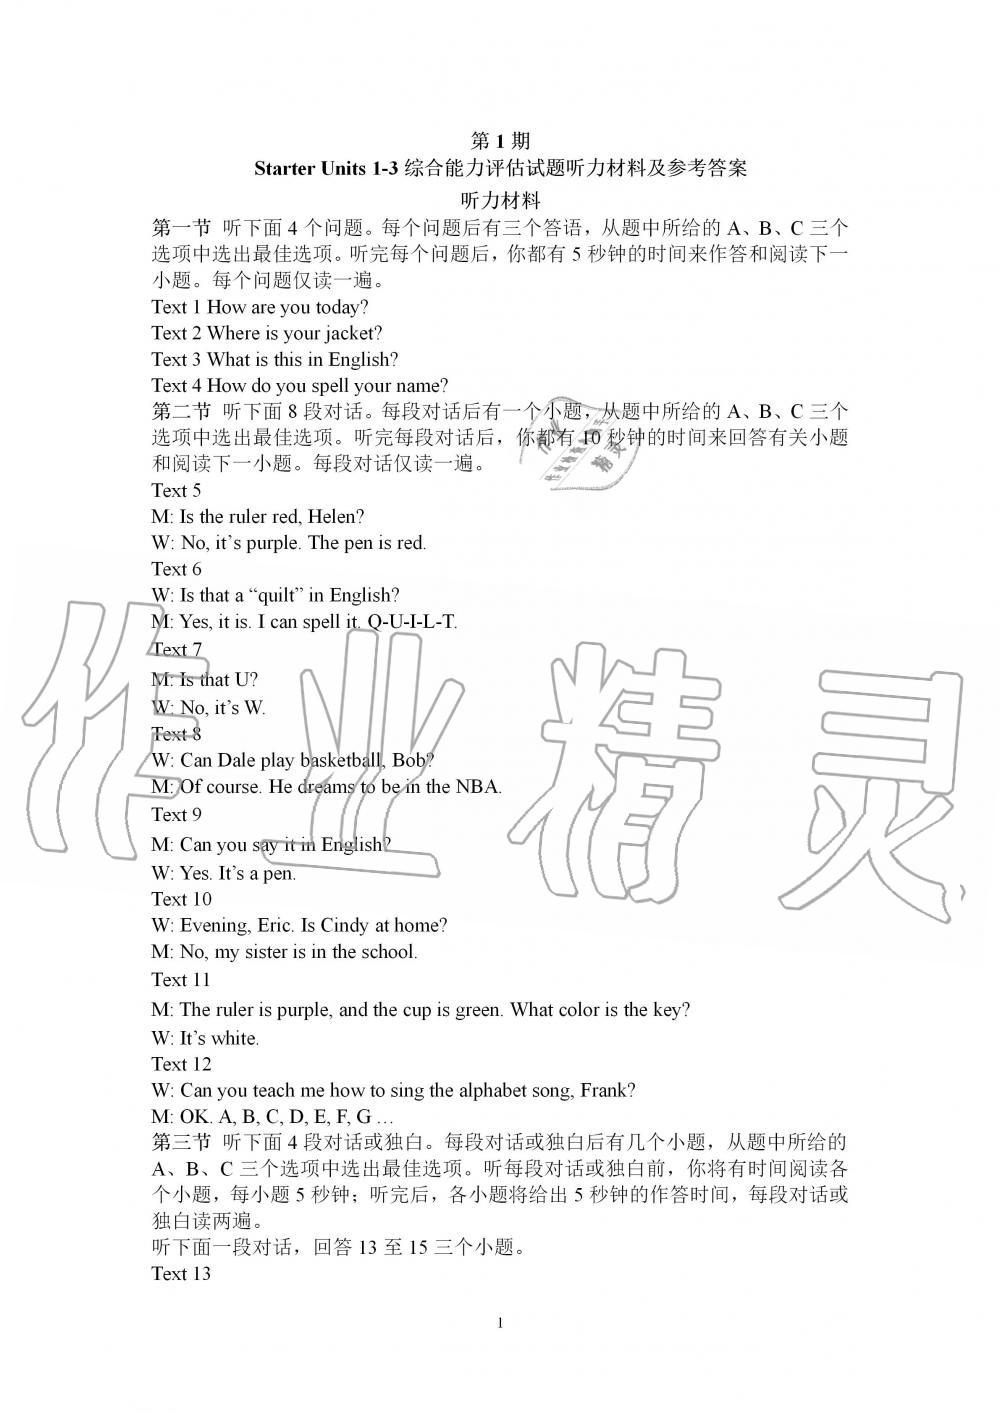 青海快三30号开奖_2019年周报经典英语周报七年级上册人教版武汉专版第1页